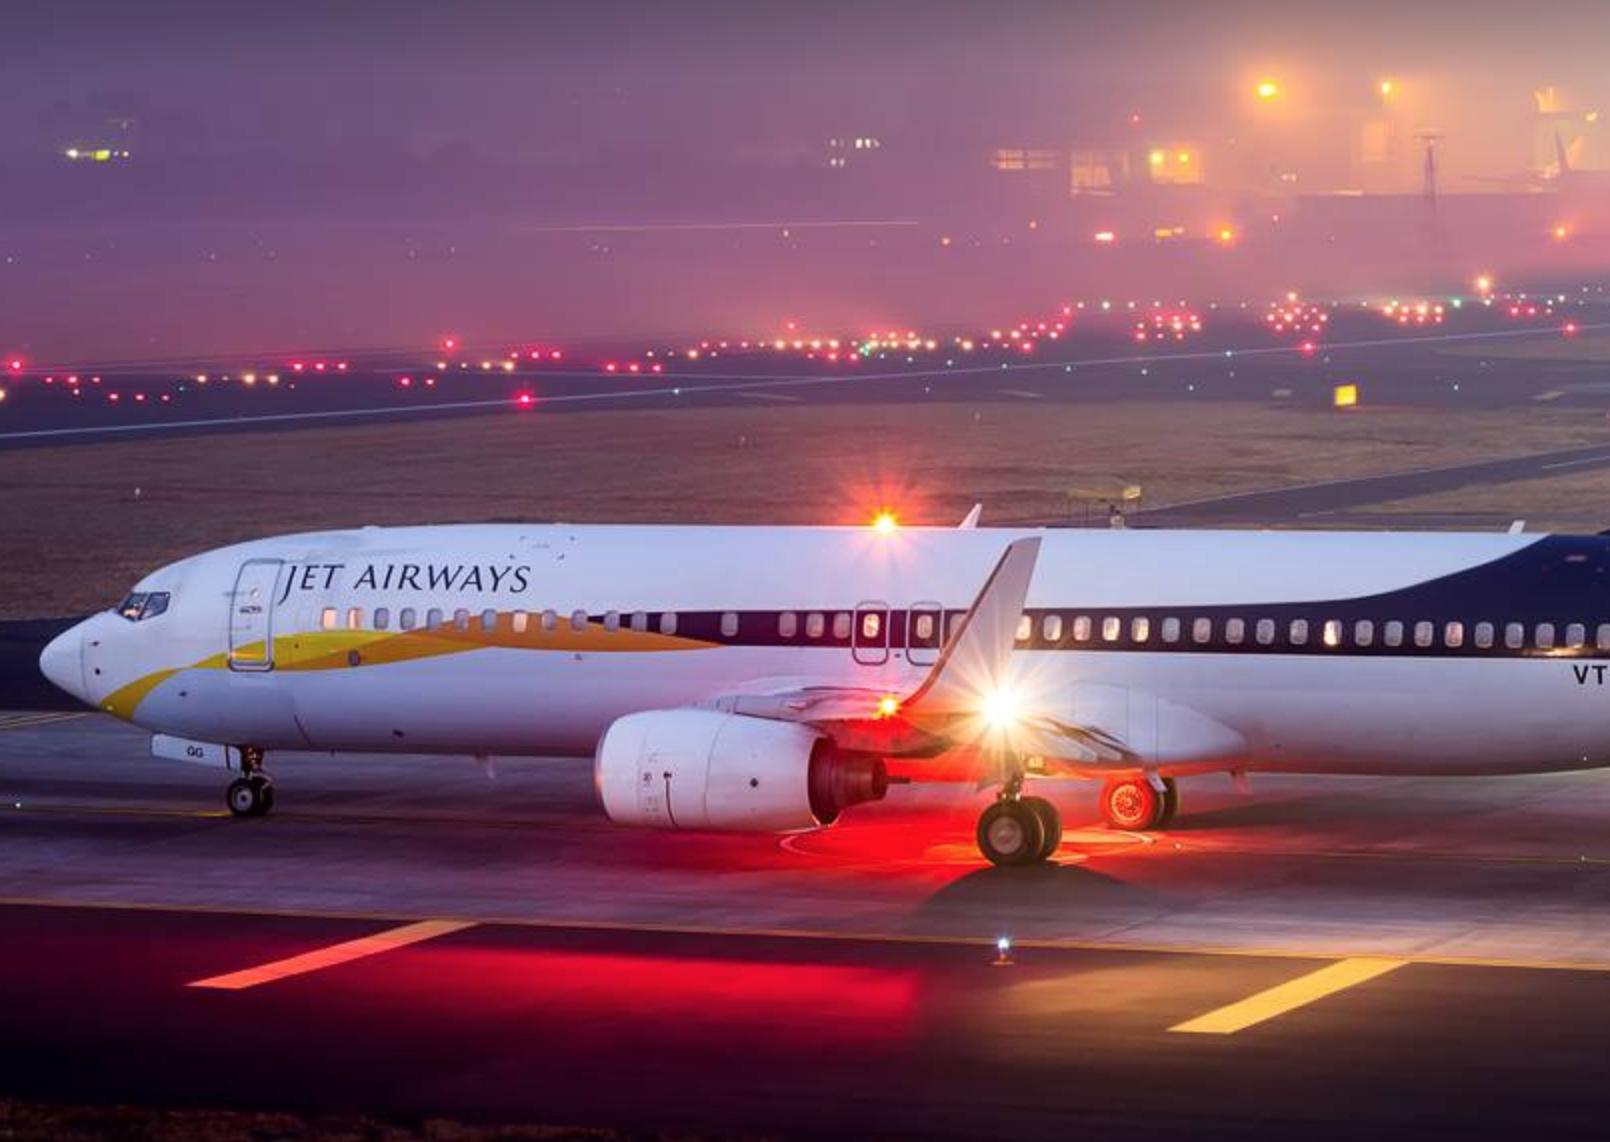 En proie à des difficultés financières, la compagnie indienne JetAirways fermera ses bureaux parisiens dans les prochains mois, mais conserve tous ses vols entre Paris et l'Inde © Jet Airways FB